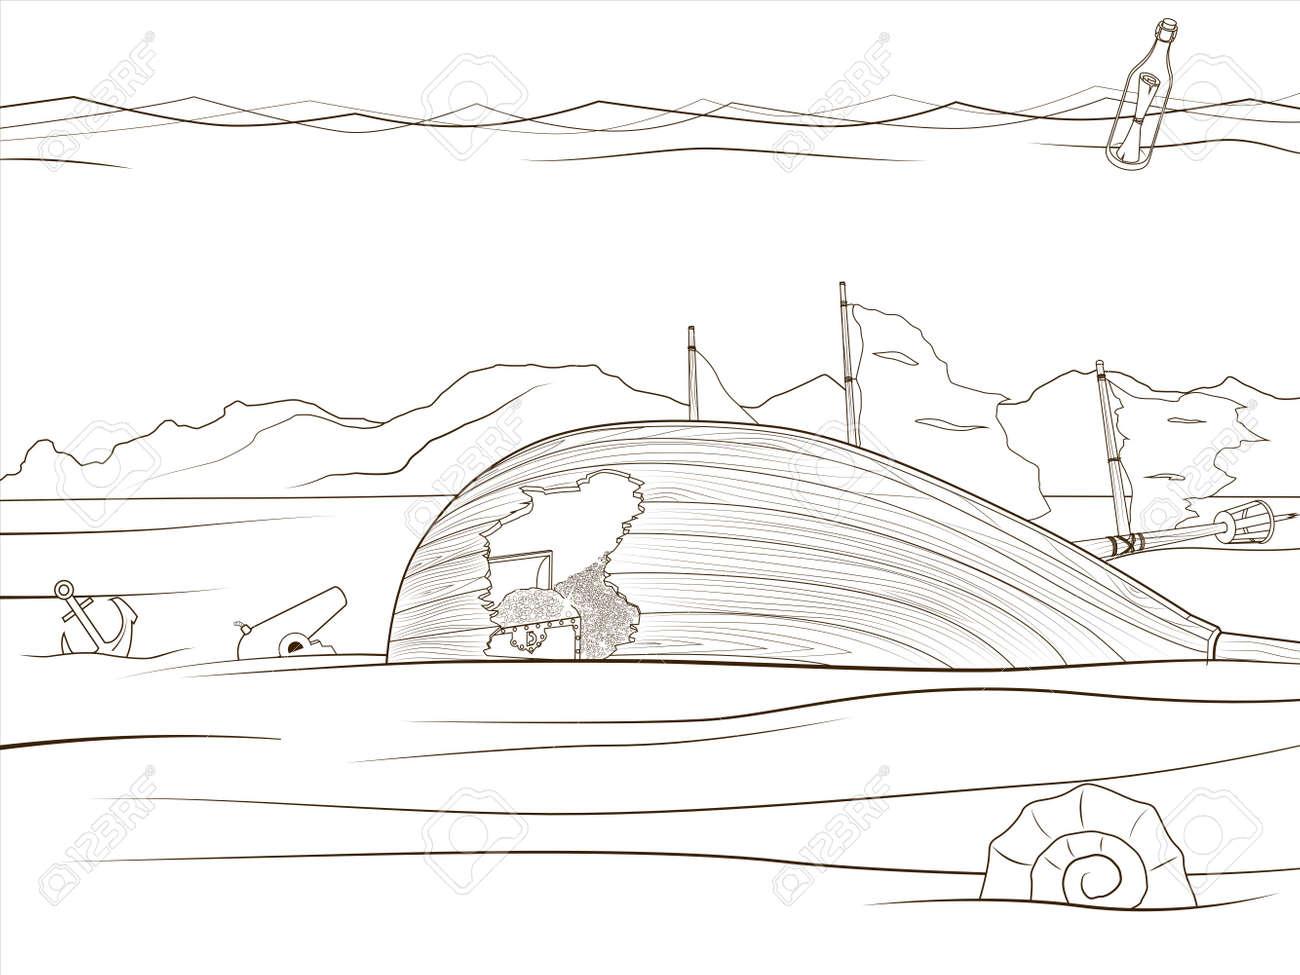 Educación Para Colorear Juego De La Vida Bajo El Agua Ilustración Vectorial De Dibujos Animados